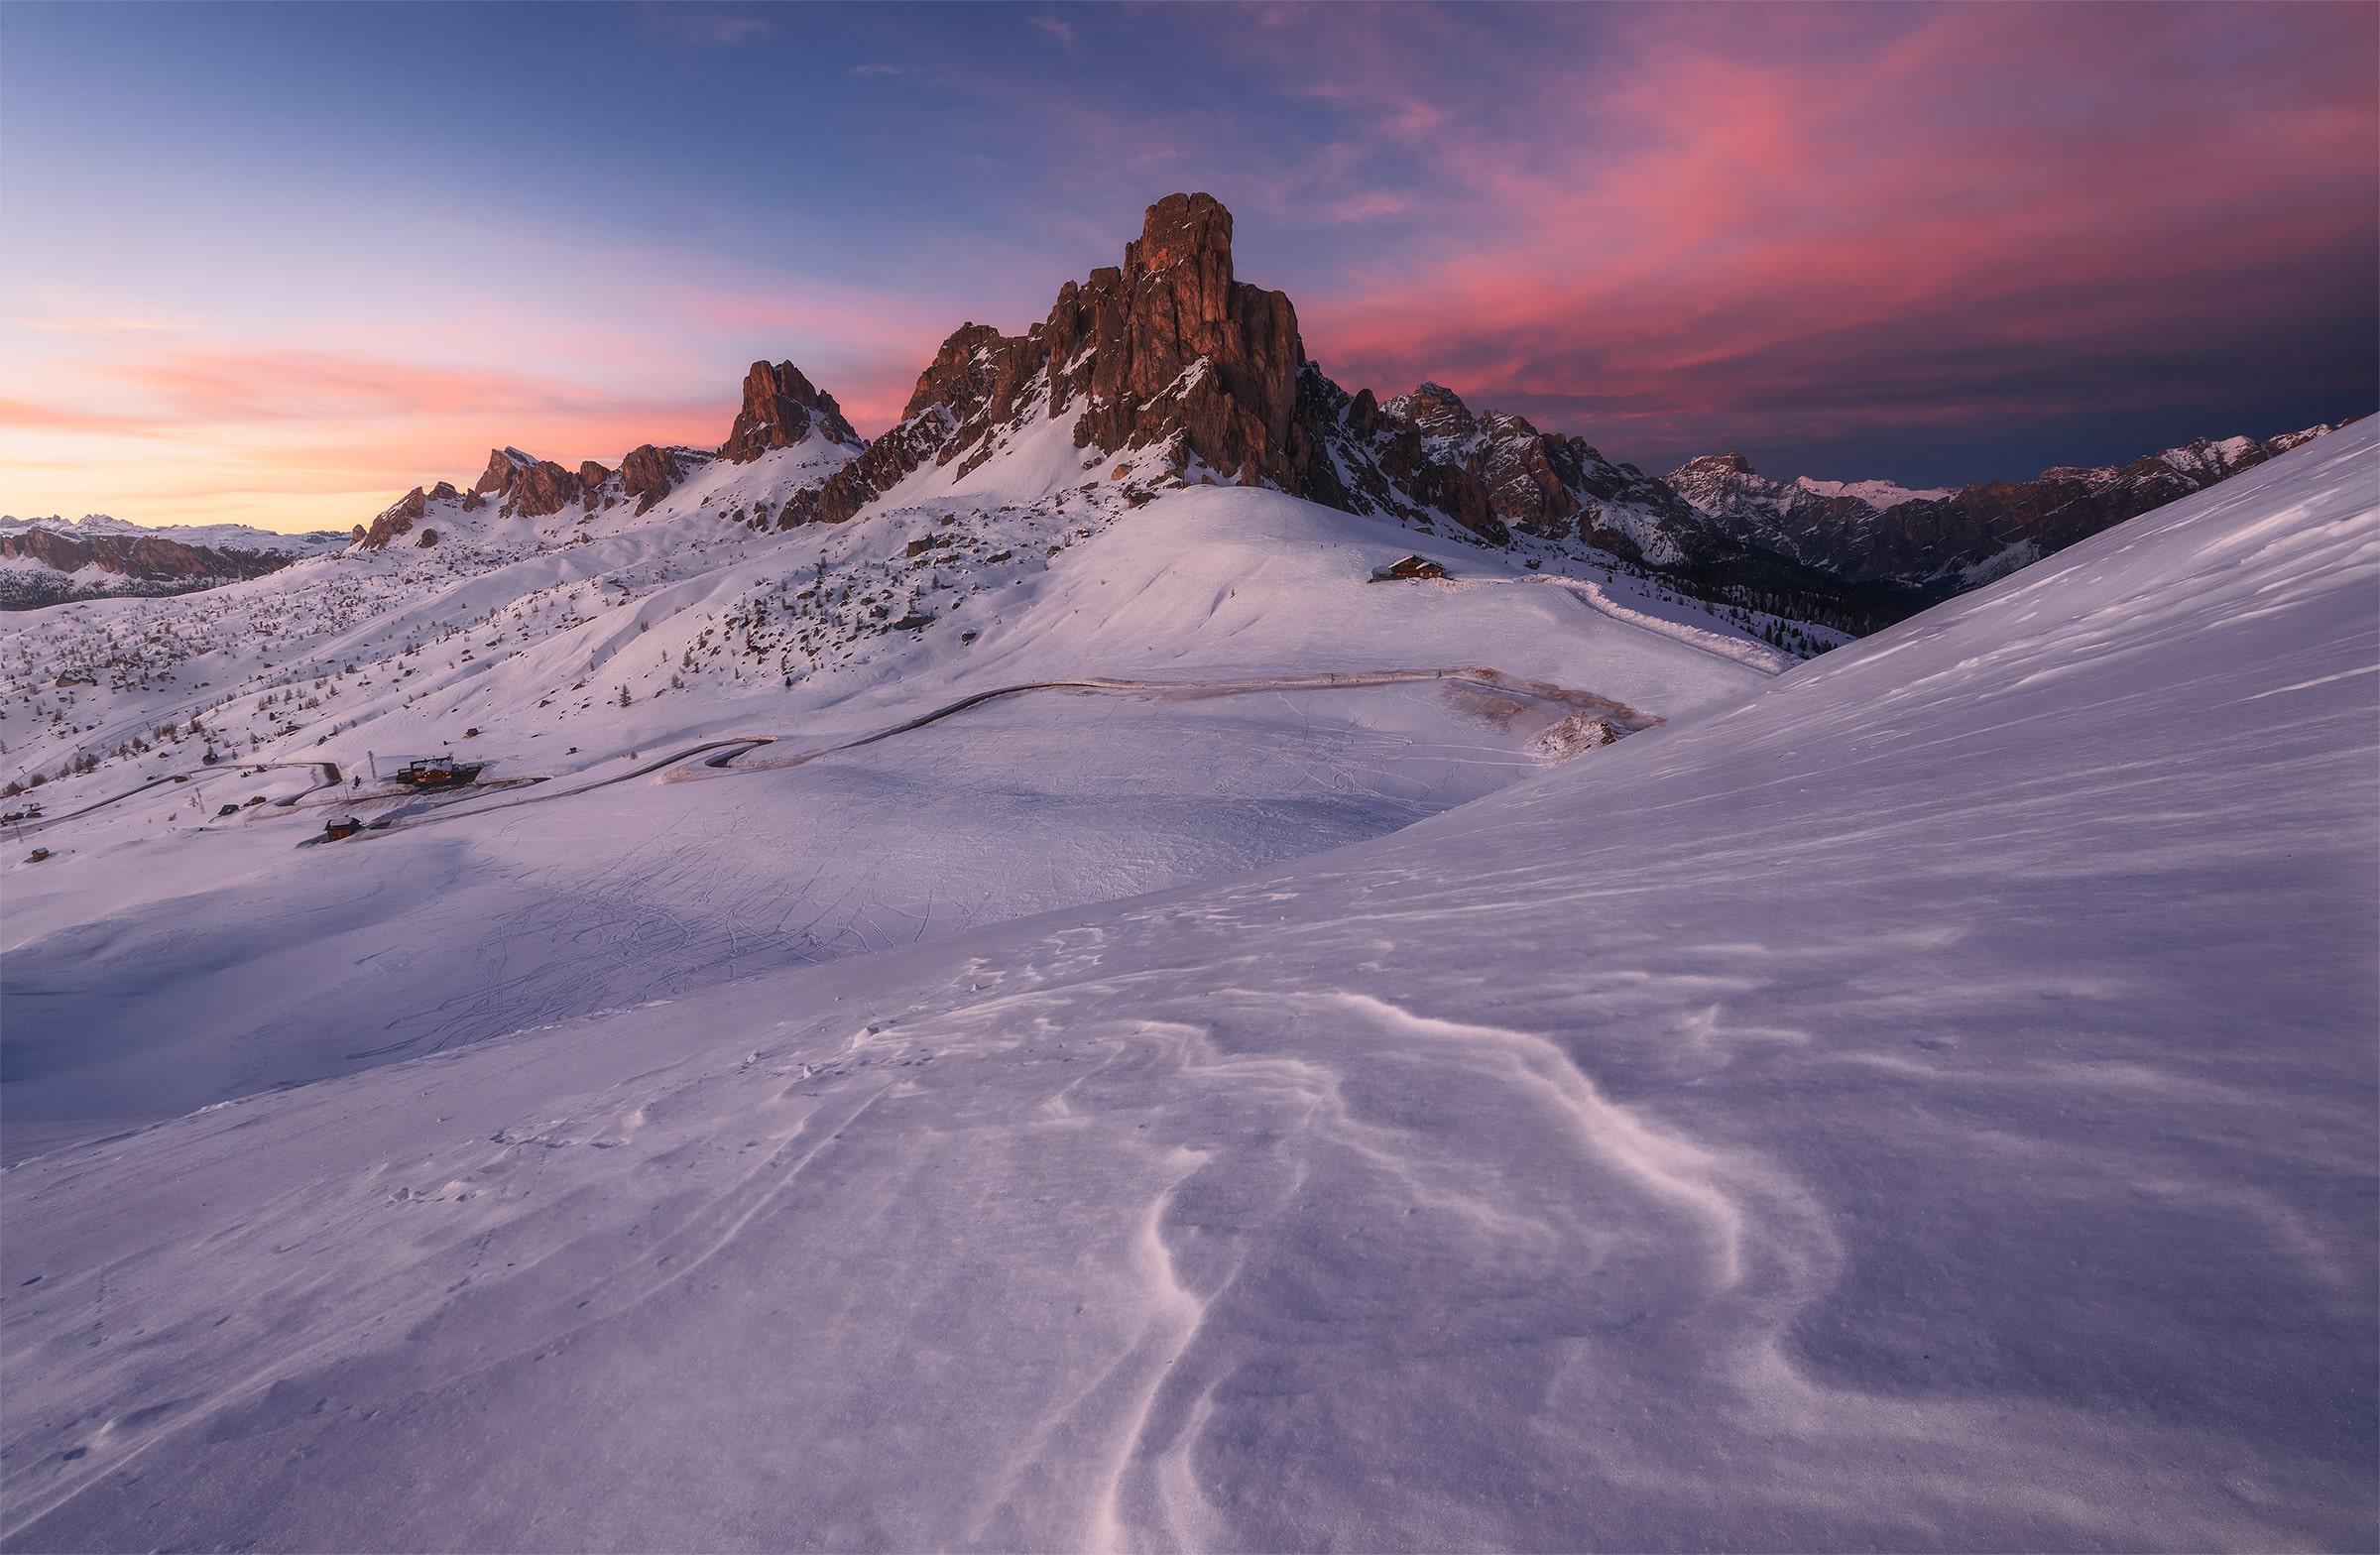 dolomites winter photo tour